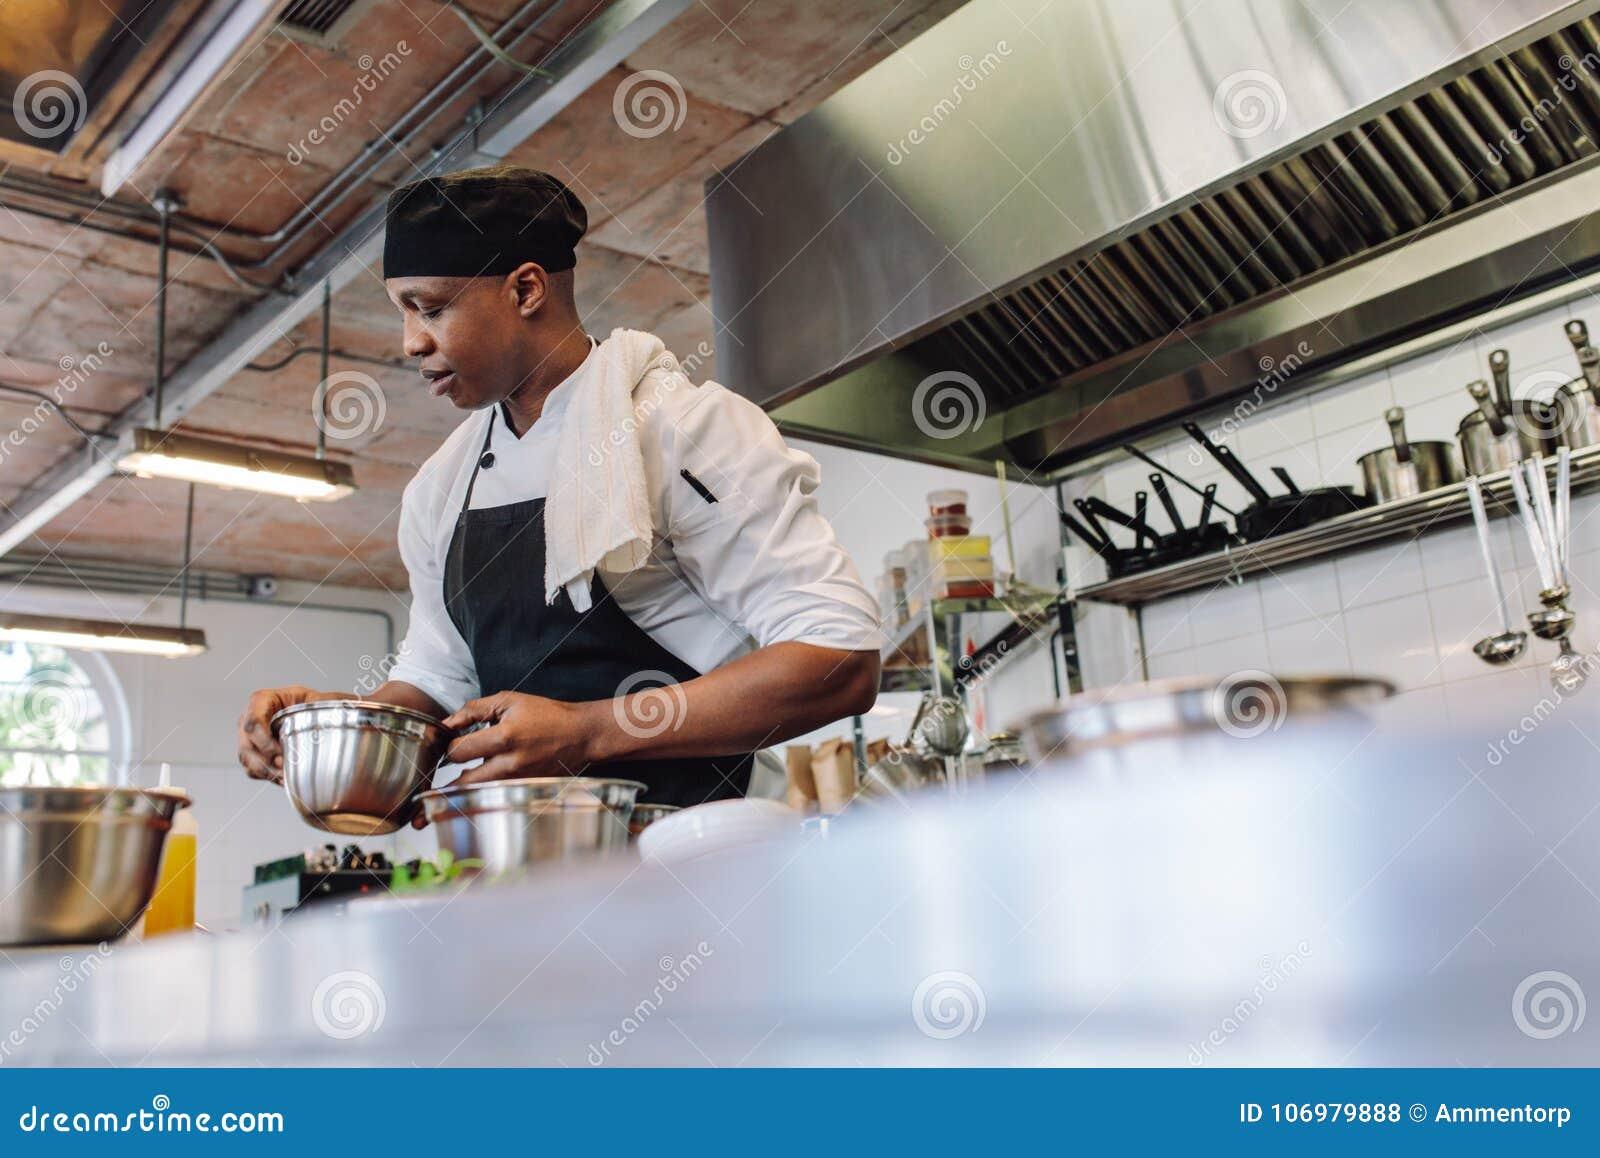 烹调食物的厨师在一个商业厨房里